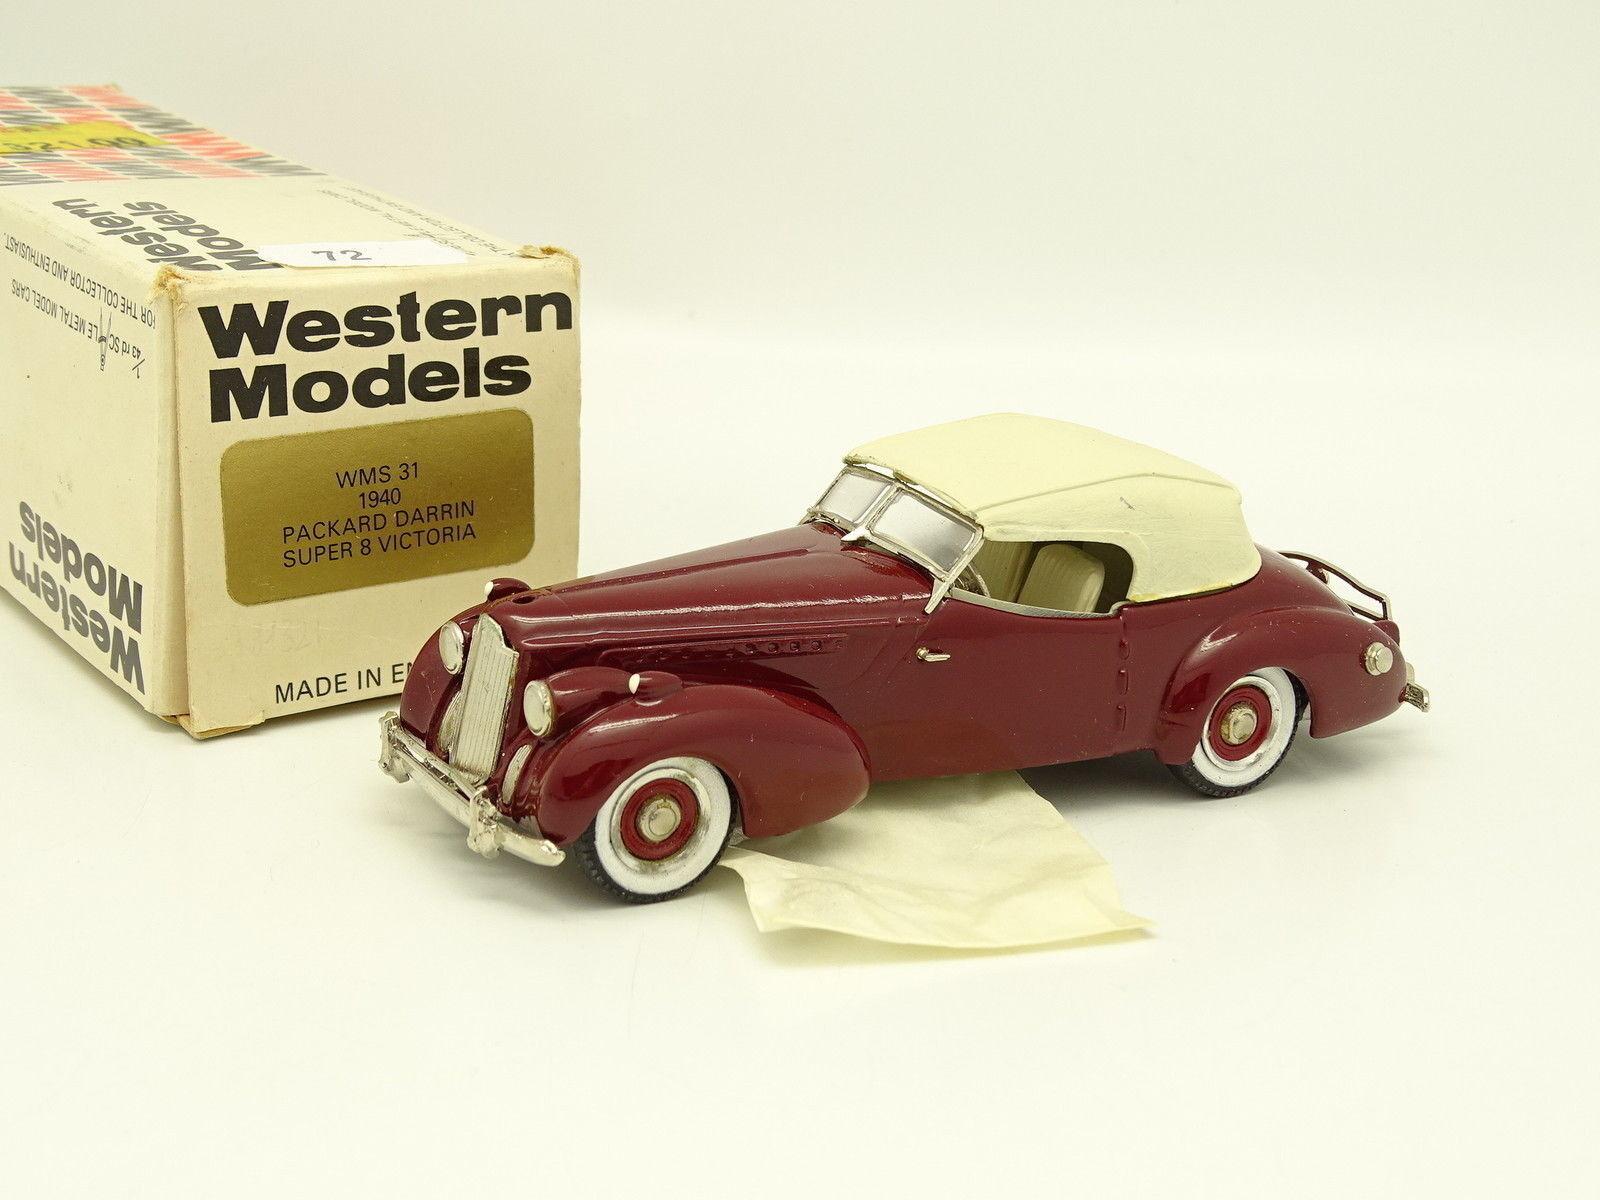 Oeste Modelos 1 43 - Packard Darrin súper 8 Victoria 1940 Rojo